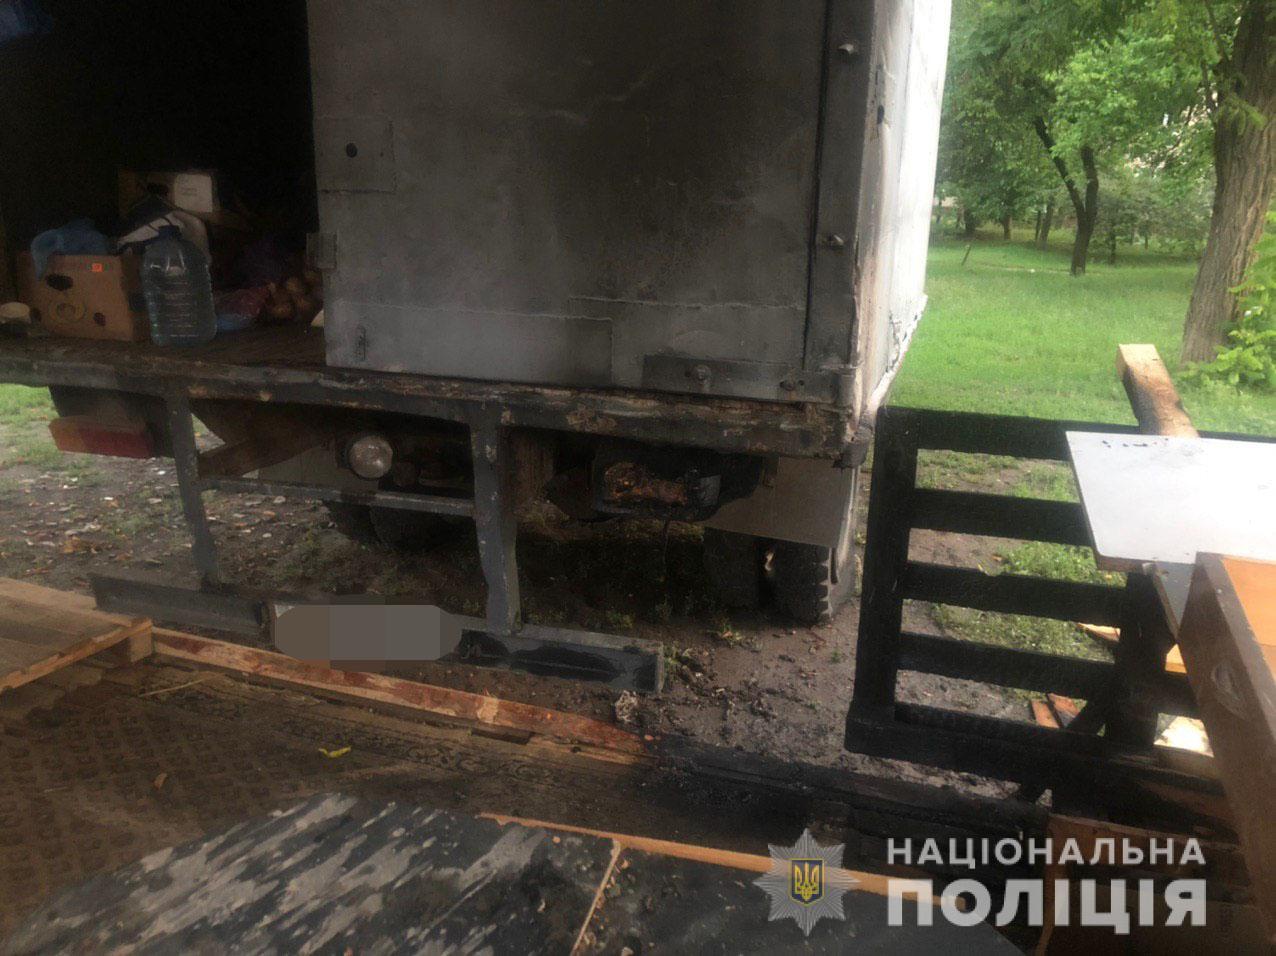 В Харькове ночью подожгли торговую палатку (фото)